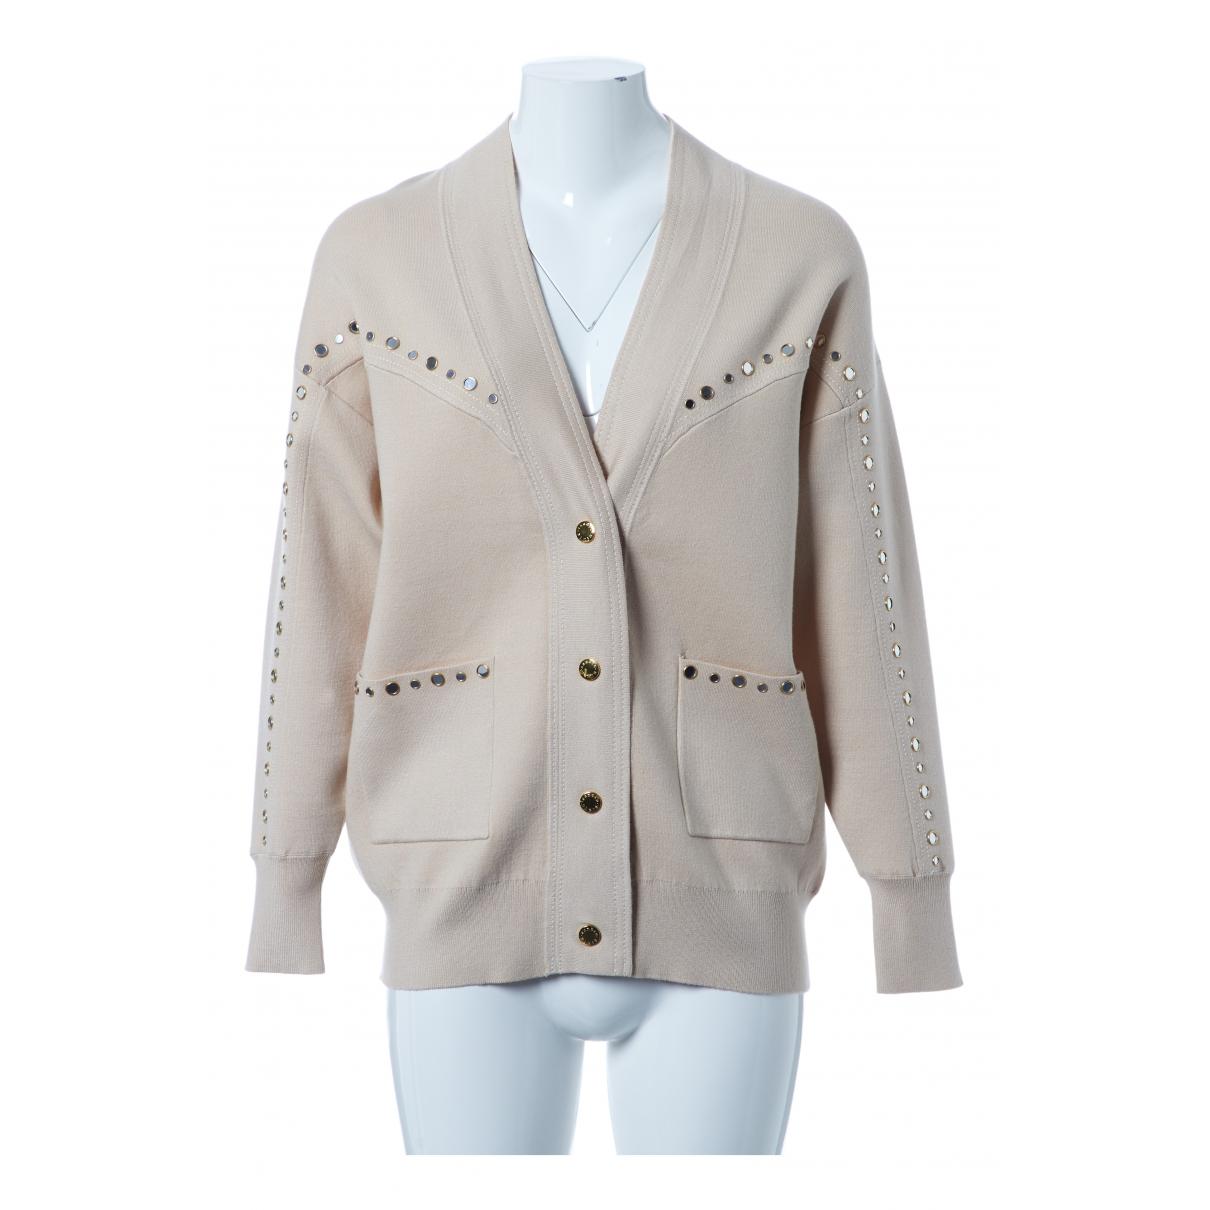 Sandro \N Beige Knitwear for Women 1 0-5